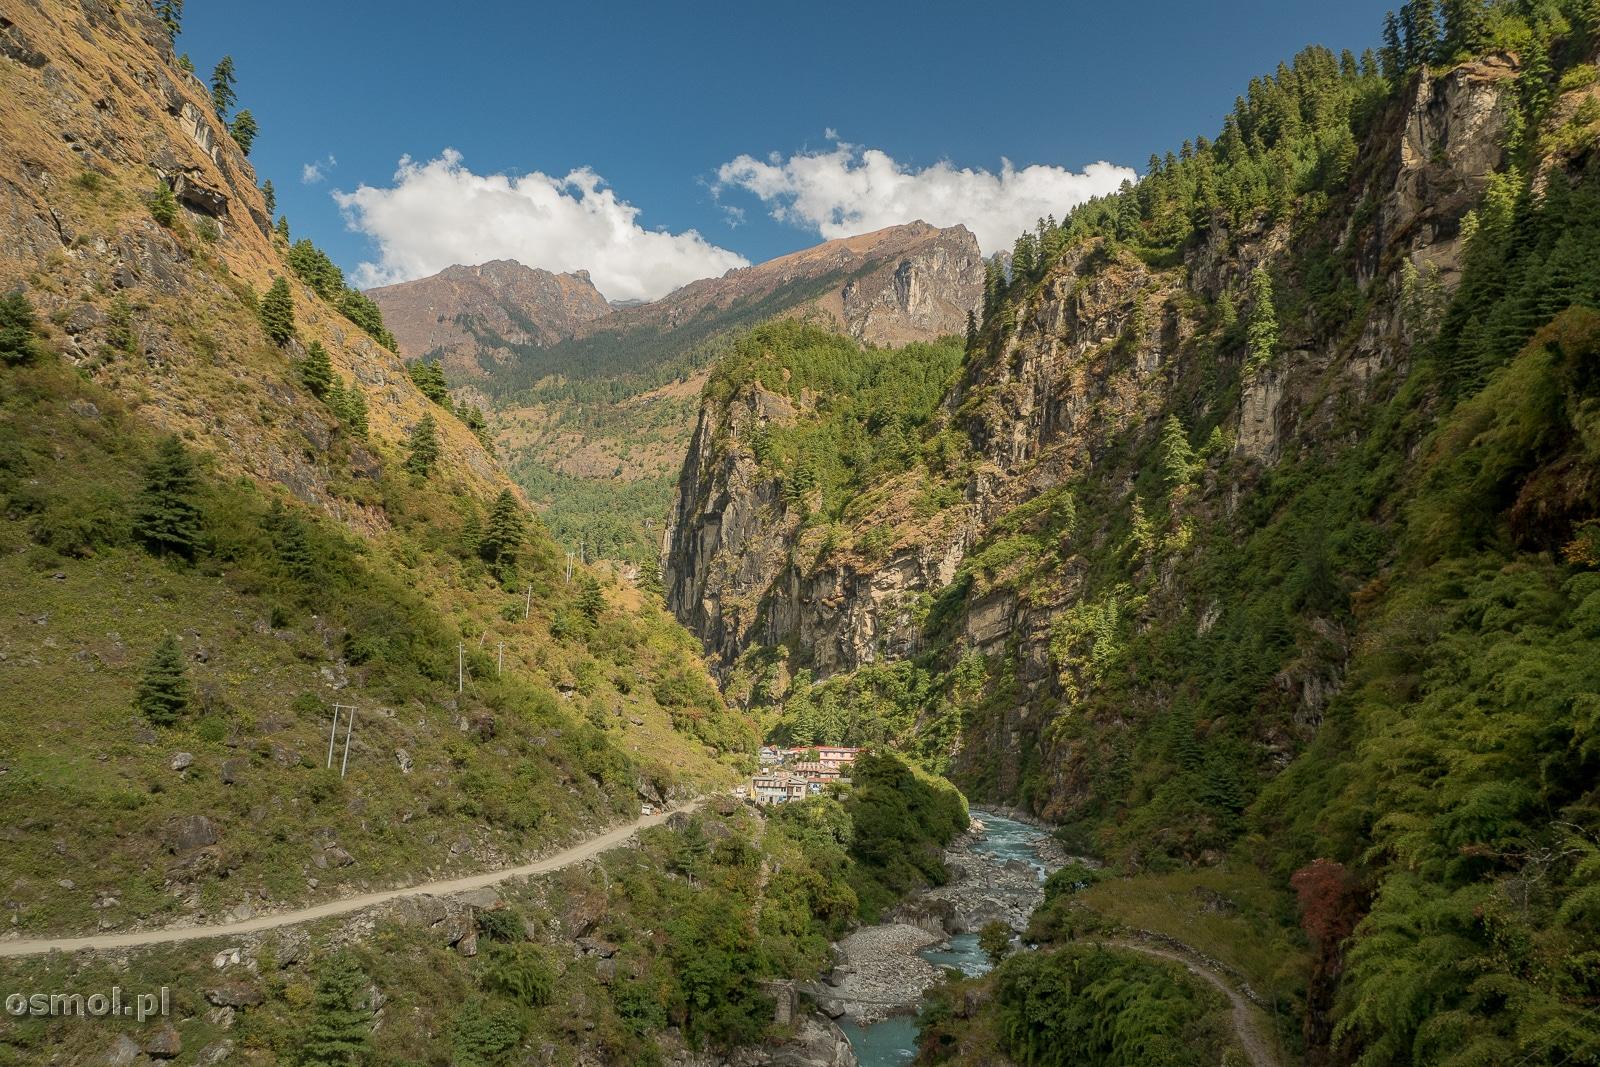 Dolne partie szlaku dokoła Annapurny